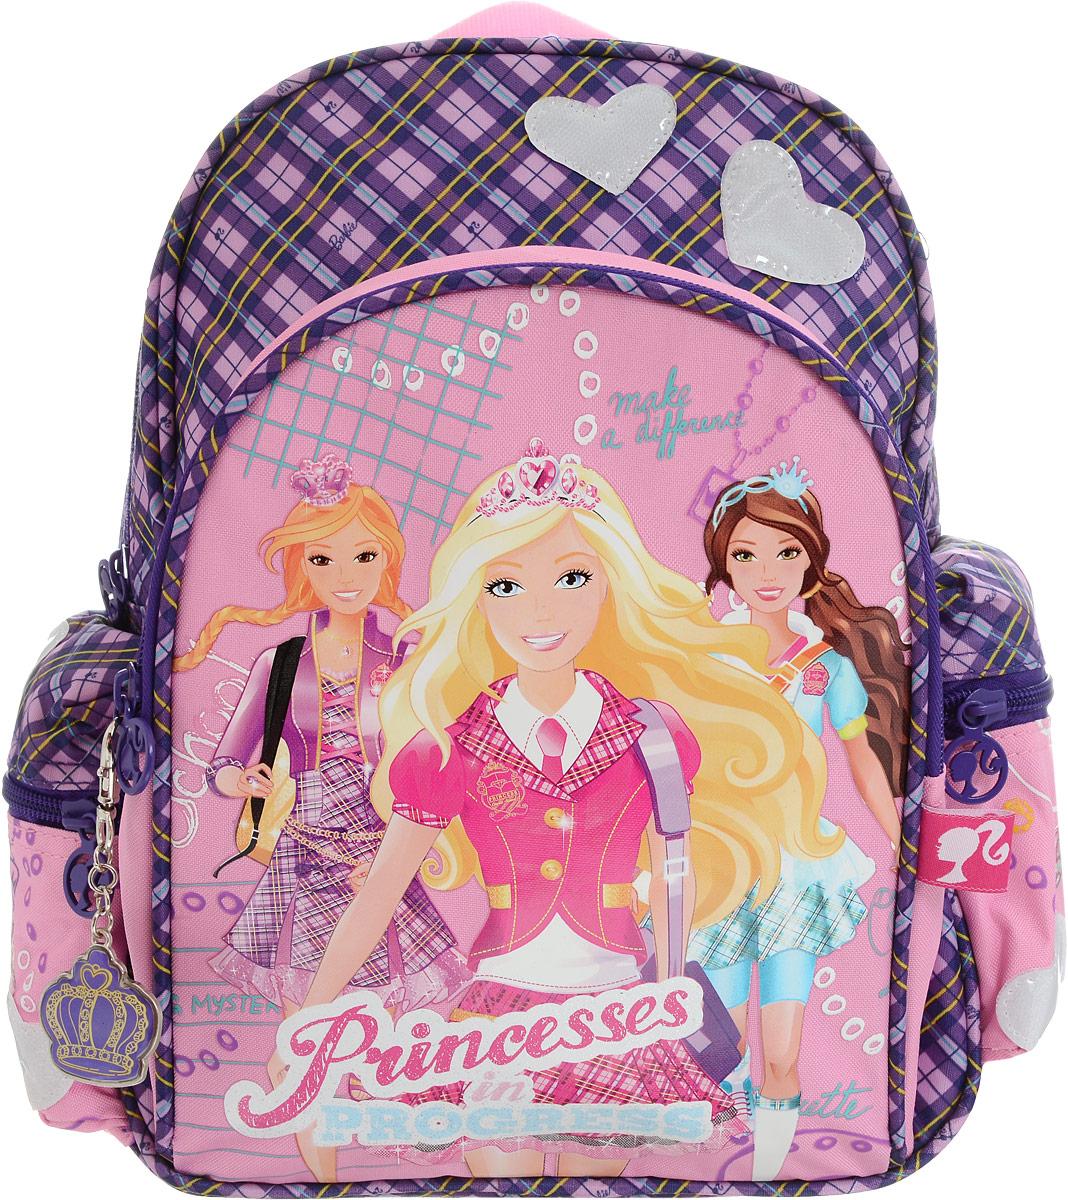 Barbie Рюкзак детский Princess In Progress цвет розовый фиолетовый72523WDДетский рюкзак Barbie Princess In Progress изготовлен из прочного полиэстера, украшен аппликацией с Barbie и оснащен светоотражательными элементами в форме сердечек. Корпус рюкзака мягкий, спинка и лямки уплотнены поролоном. Для комфортной переноски сверху рюкзак оснащен текстильной ручкой. Изделие имеет одно вместительное отделение. По бокам предусмотрены карманы на застежке-молнии. На лицевой части рюкзака располагается вместительный карман на молнии. Такой рюкзак с Barbie непременно понравится каждой девочке! Его можно брать с собой на прогулку или на учебу.